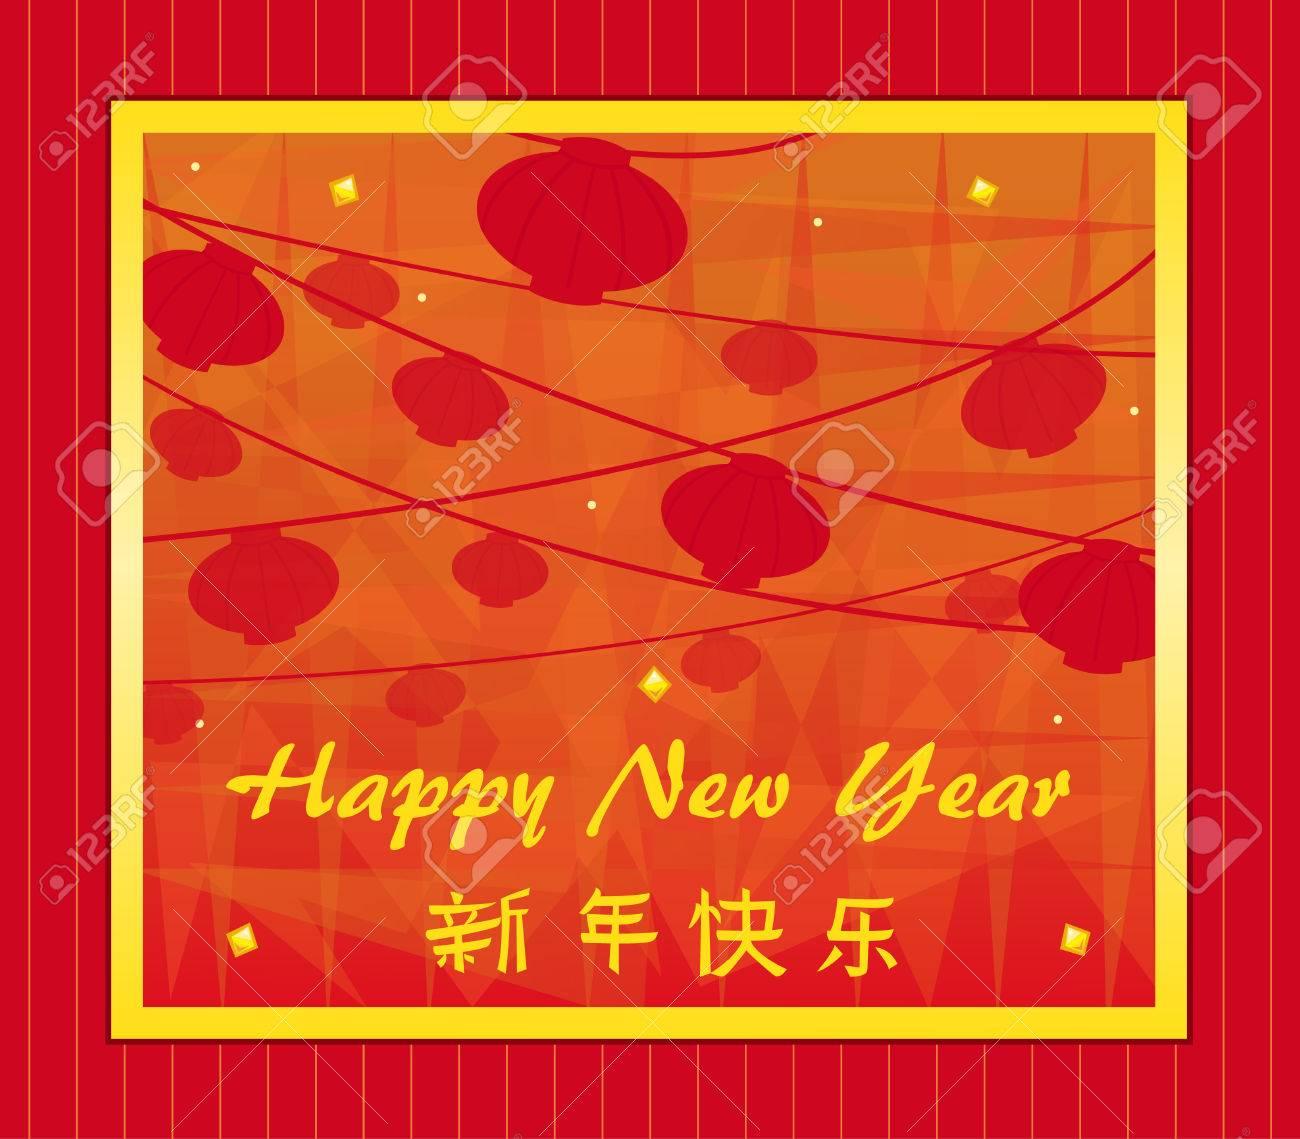 Chinese New Year Card - Dekorative Chinesische Neujahr Gruß Mit ...